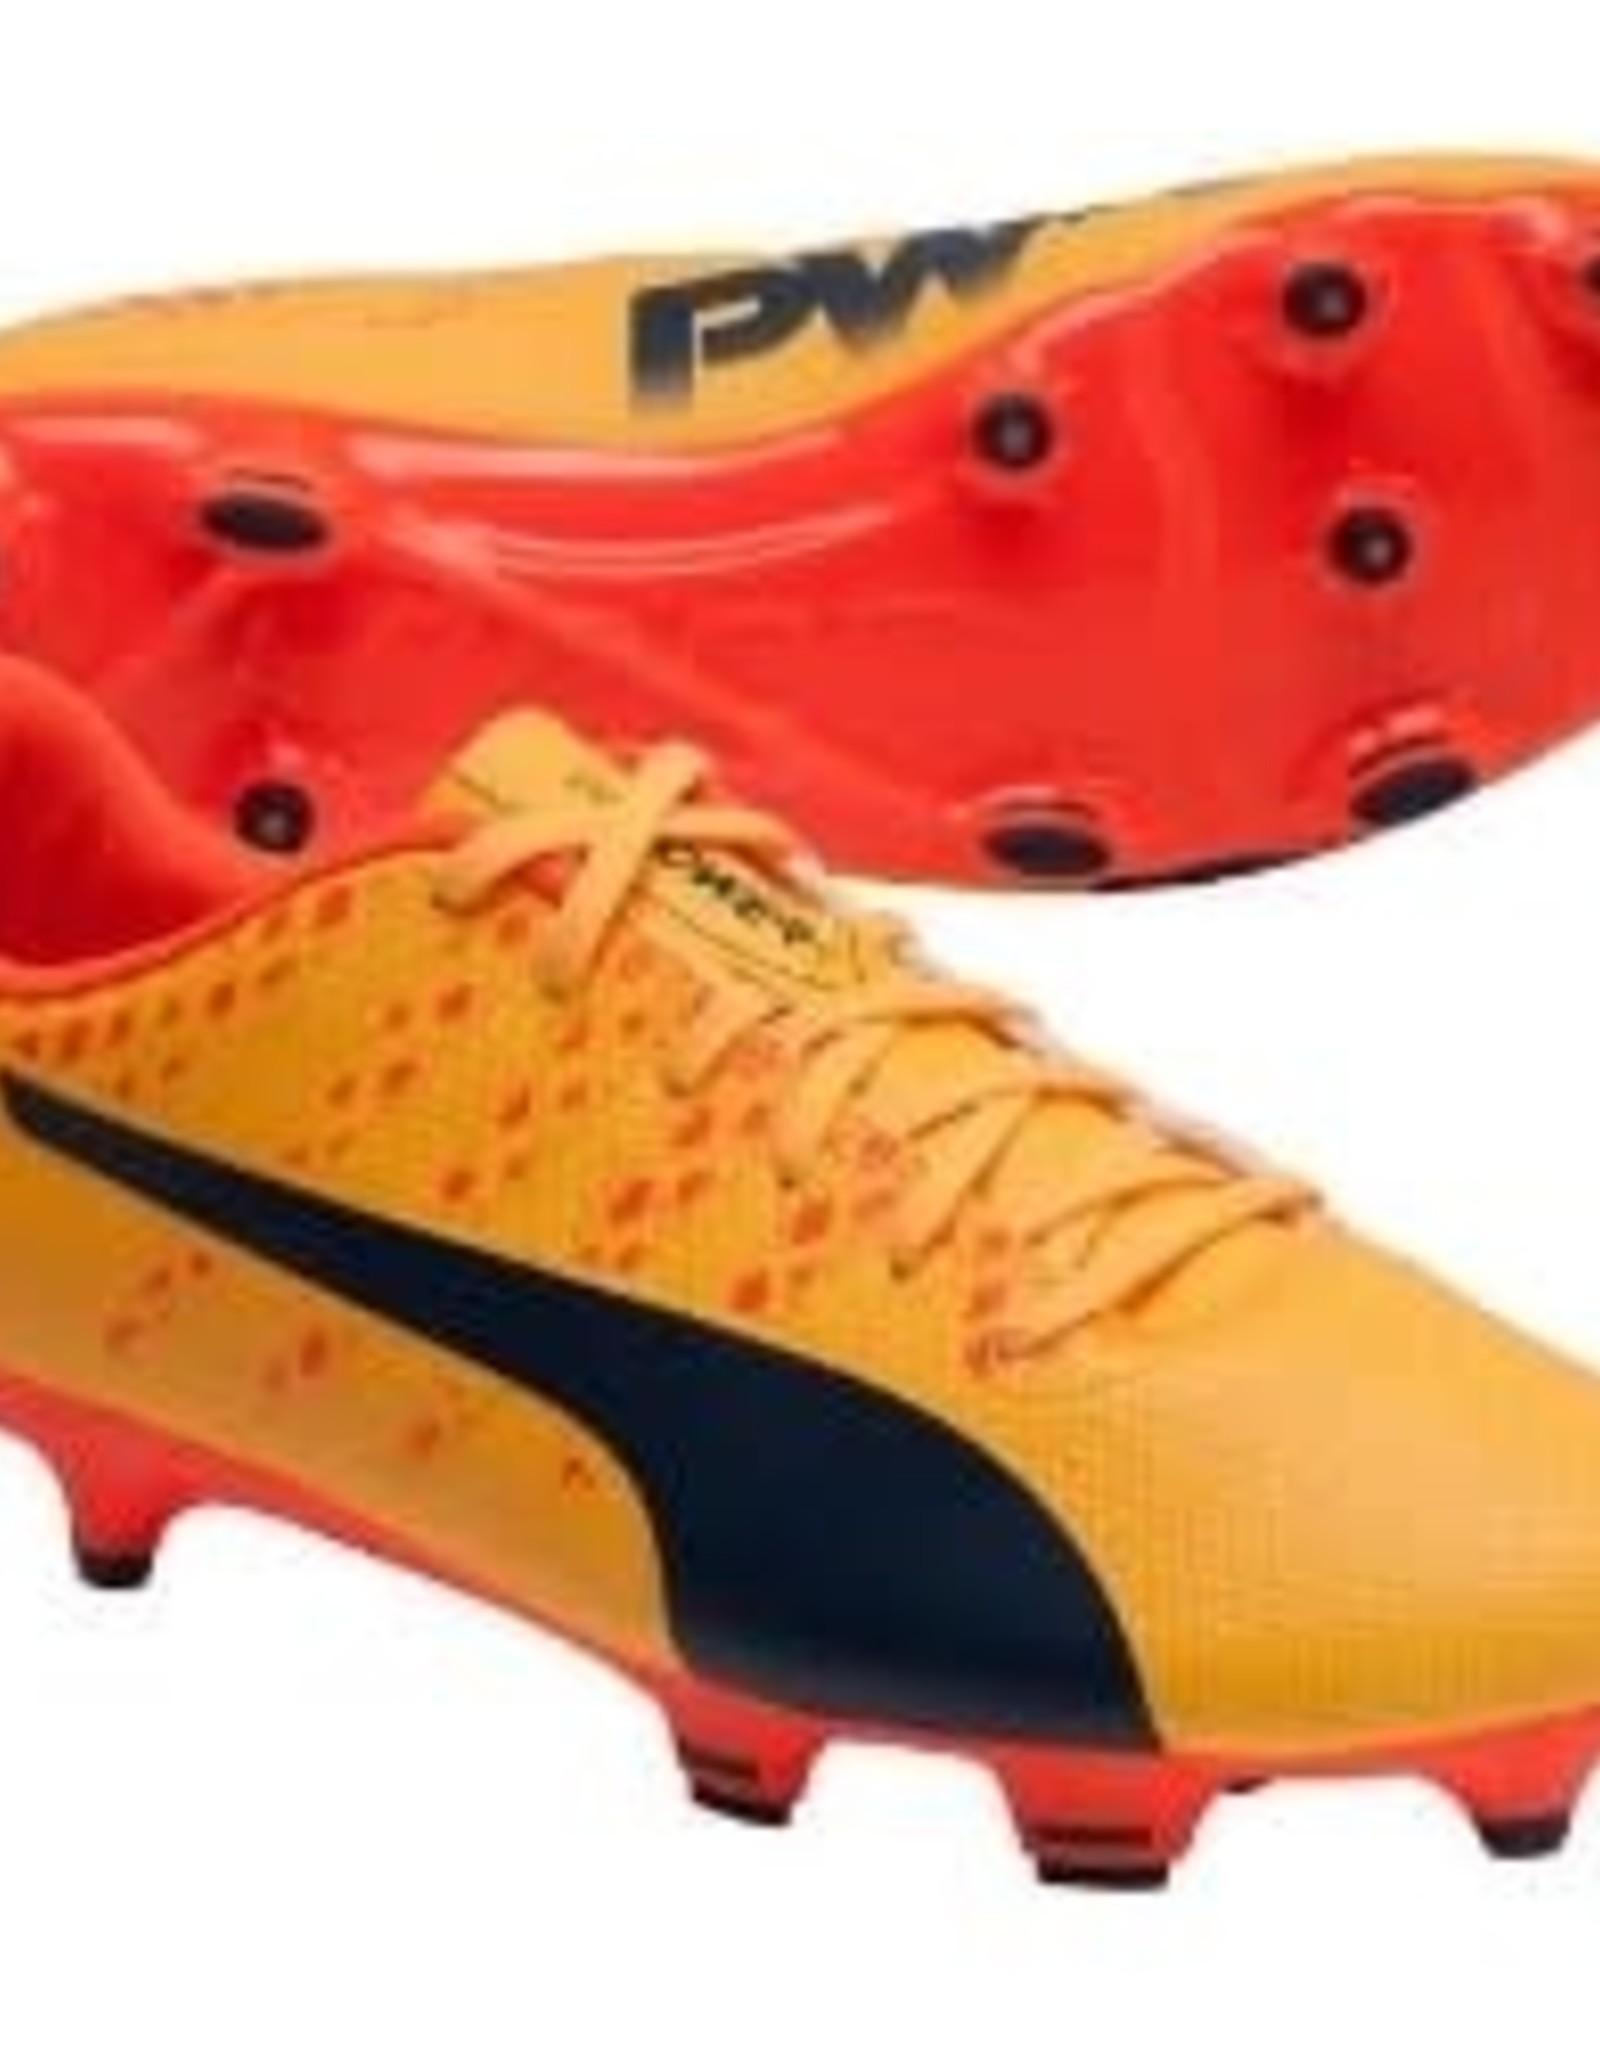 Puma Puma evoPower Vigor 4 FG